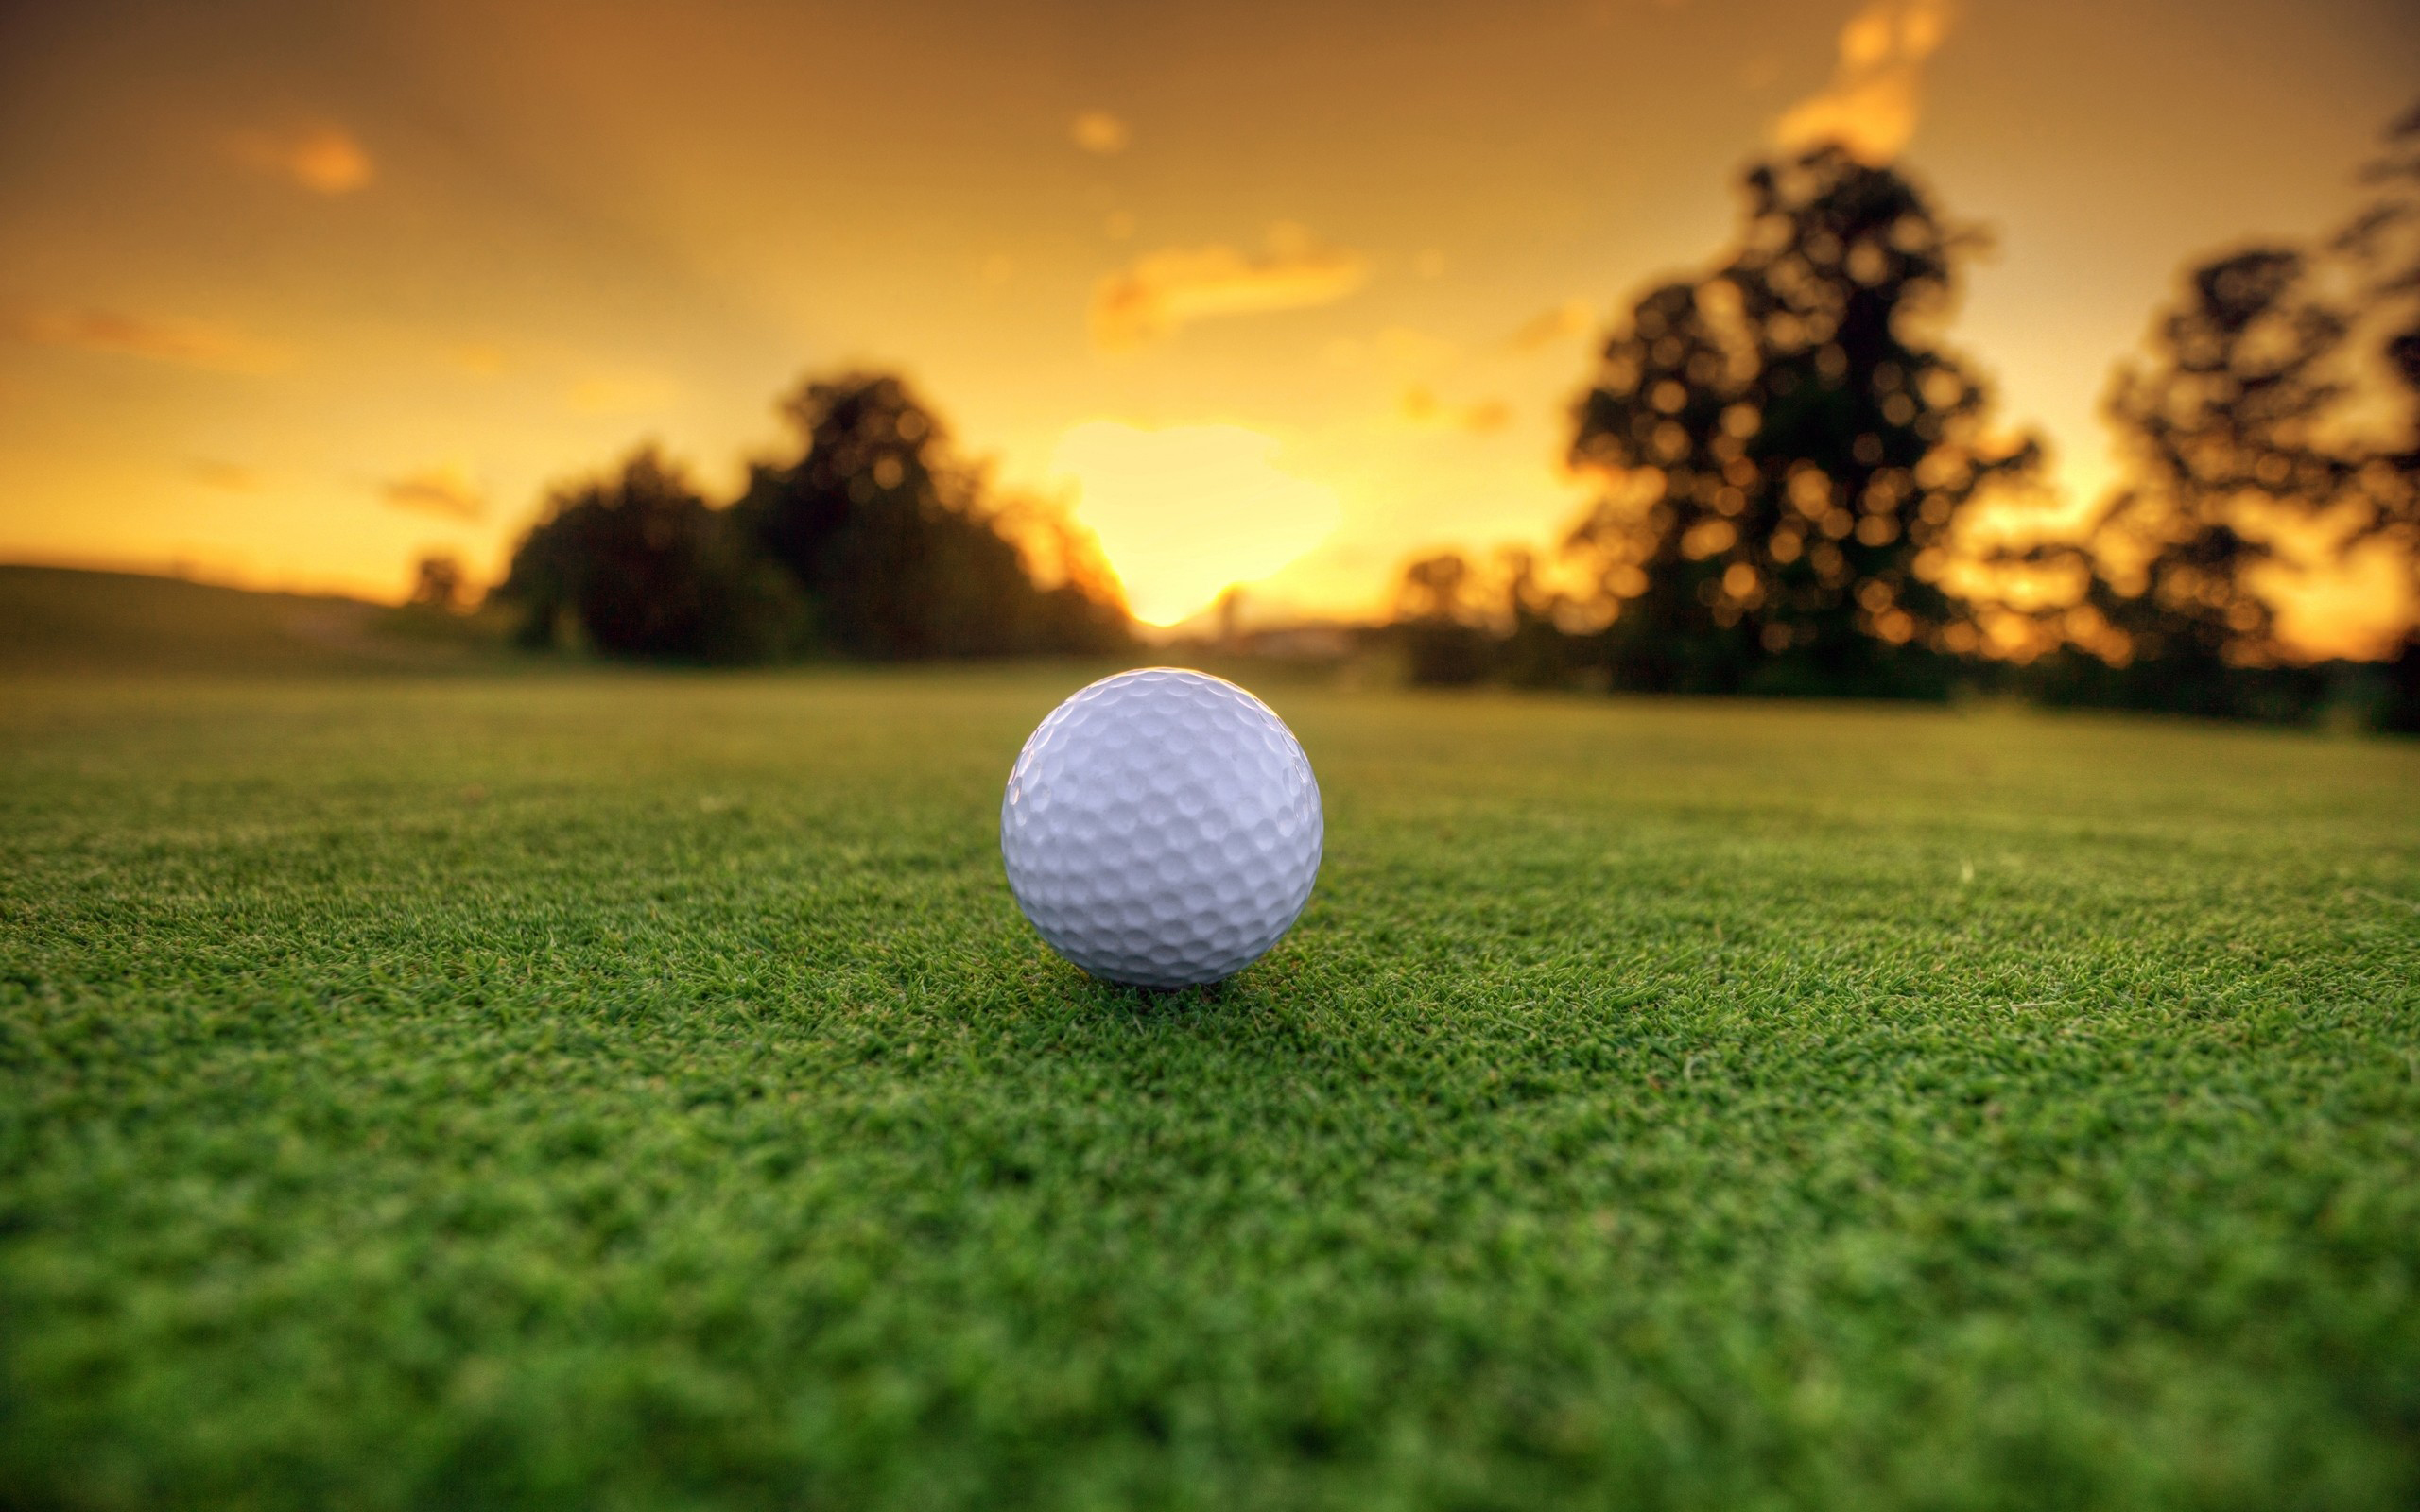 гольф, мяч, газон